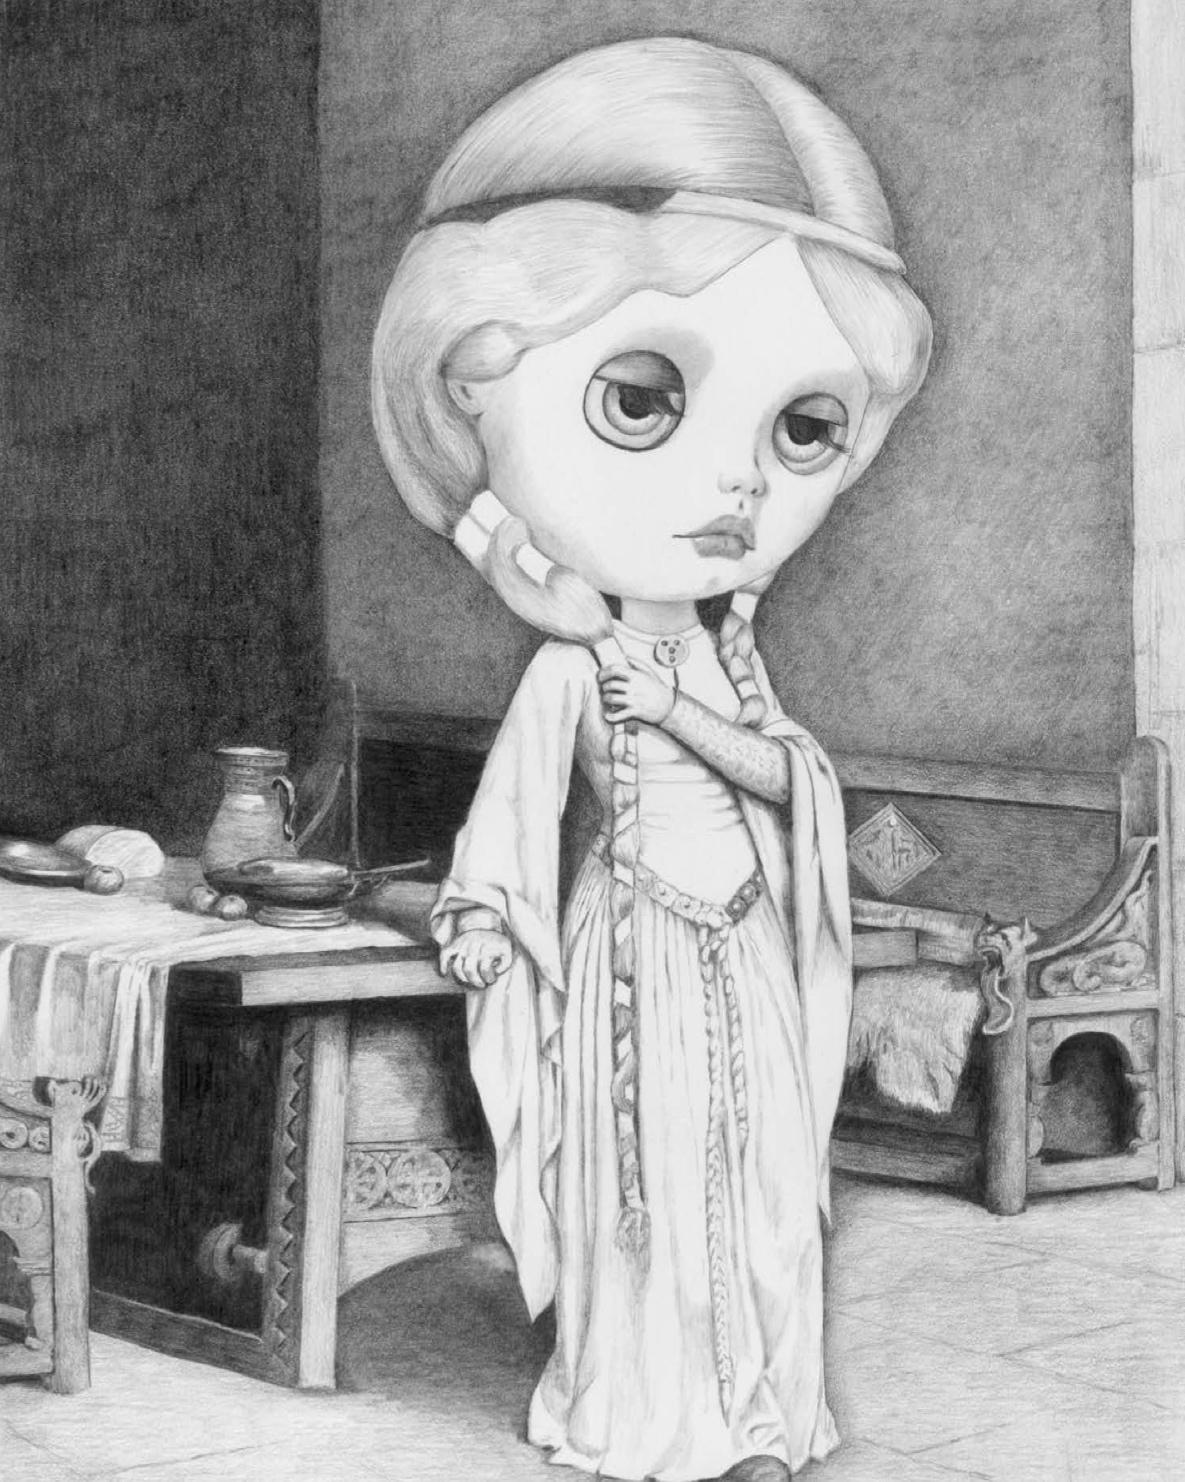 #16 - Blythe Lady Godiva